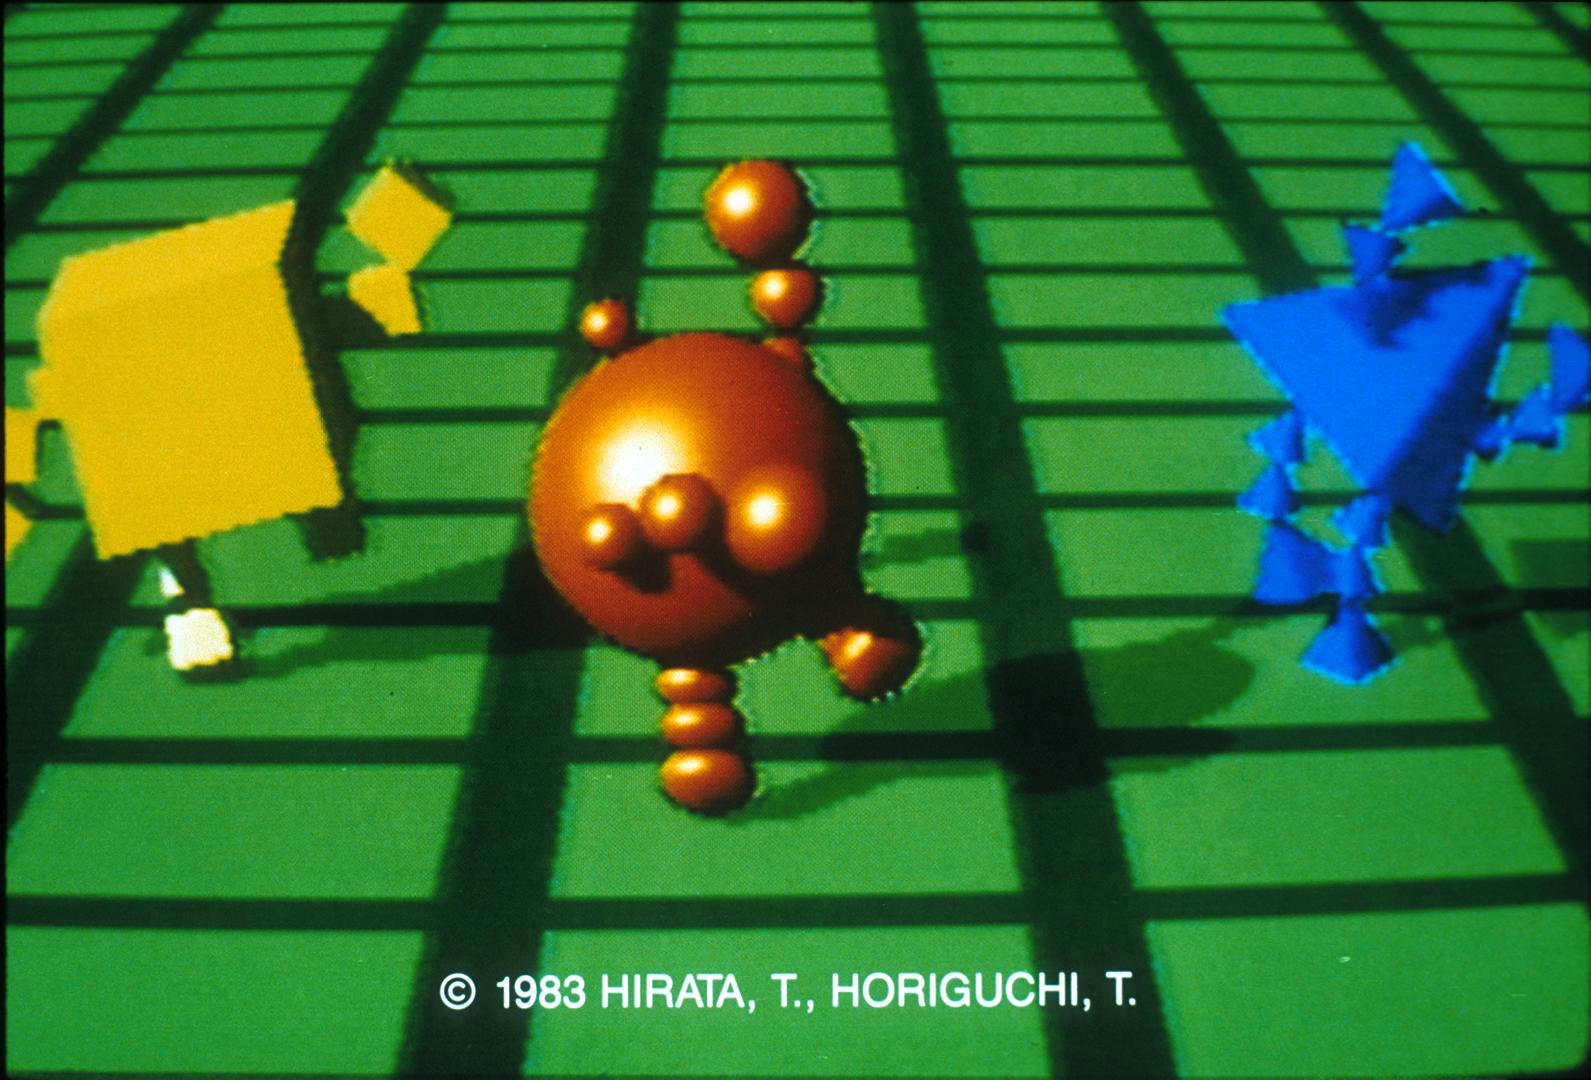 ©, Toyoko Hirata and Tadashiko Horiguchi